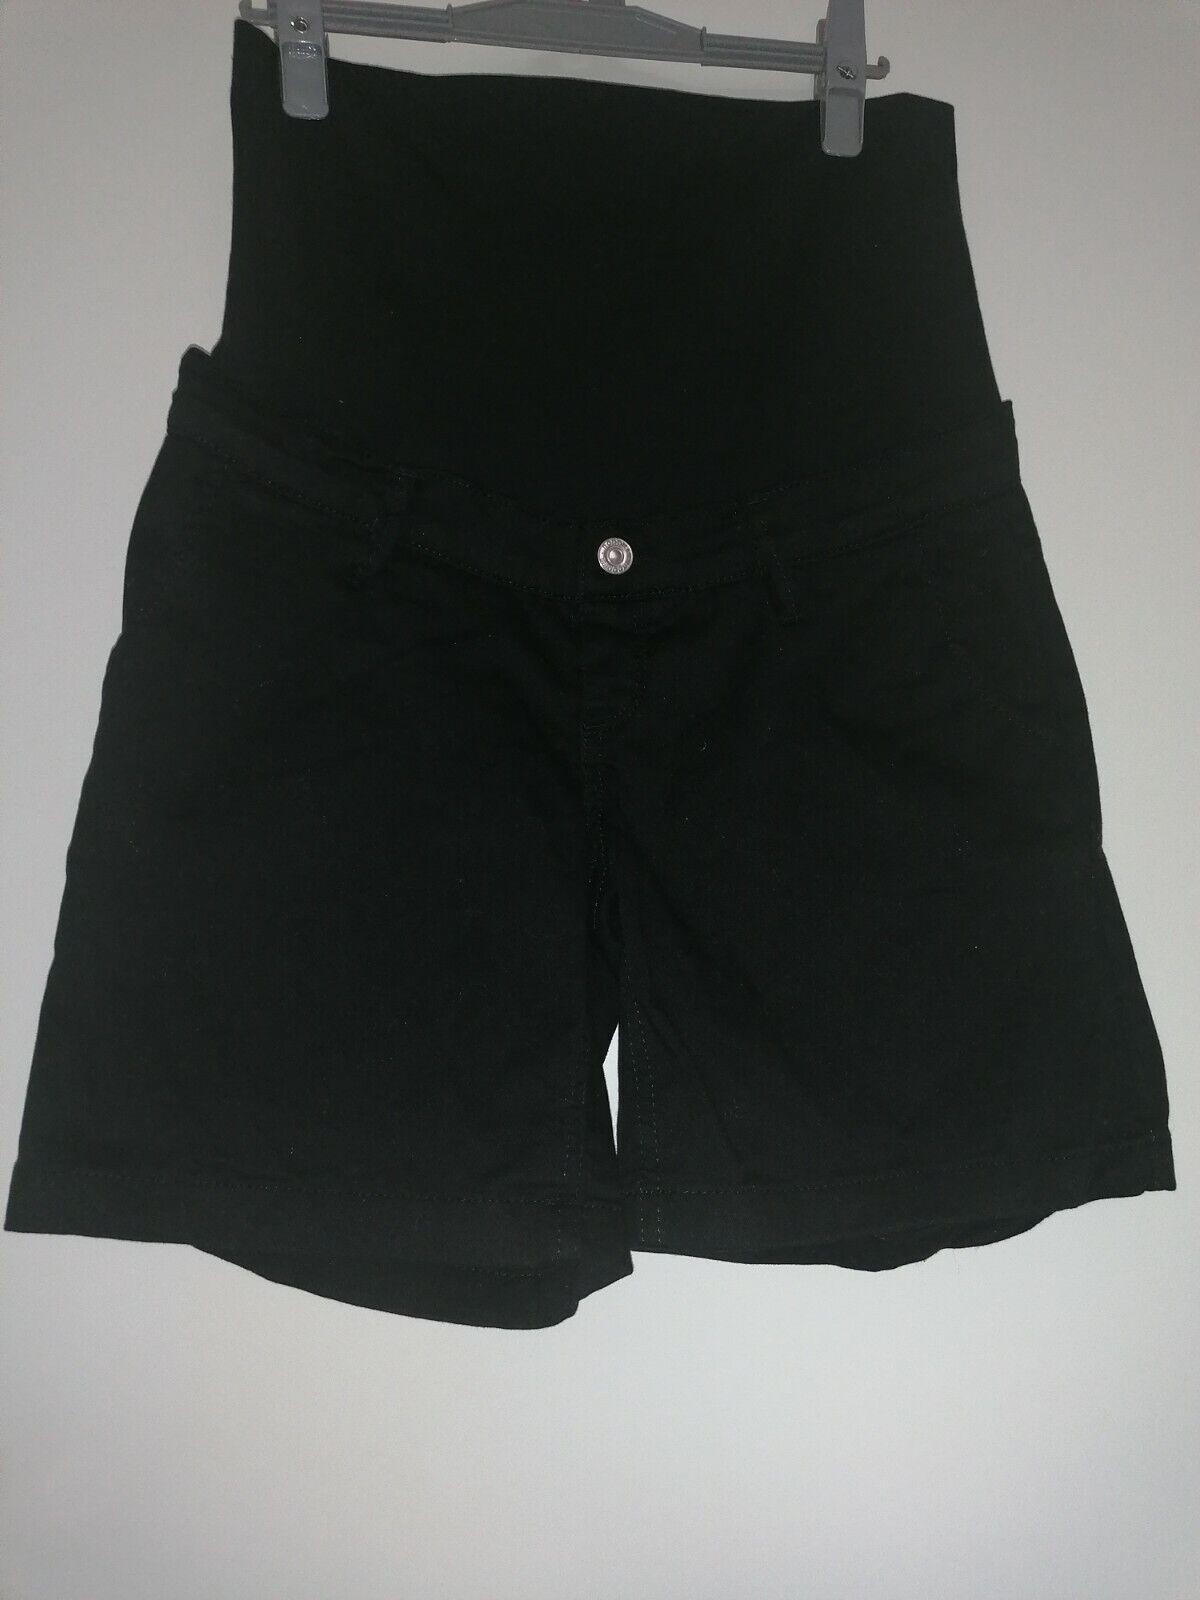 Shorts Noppies schwarz Größe S